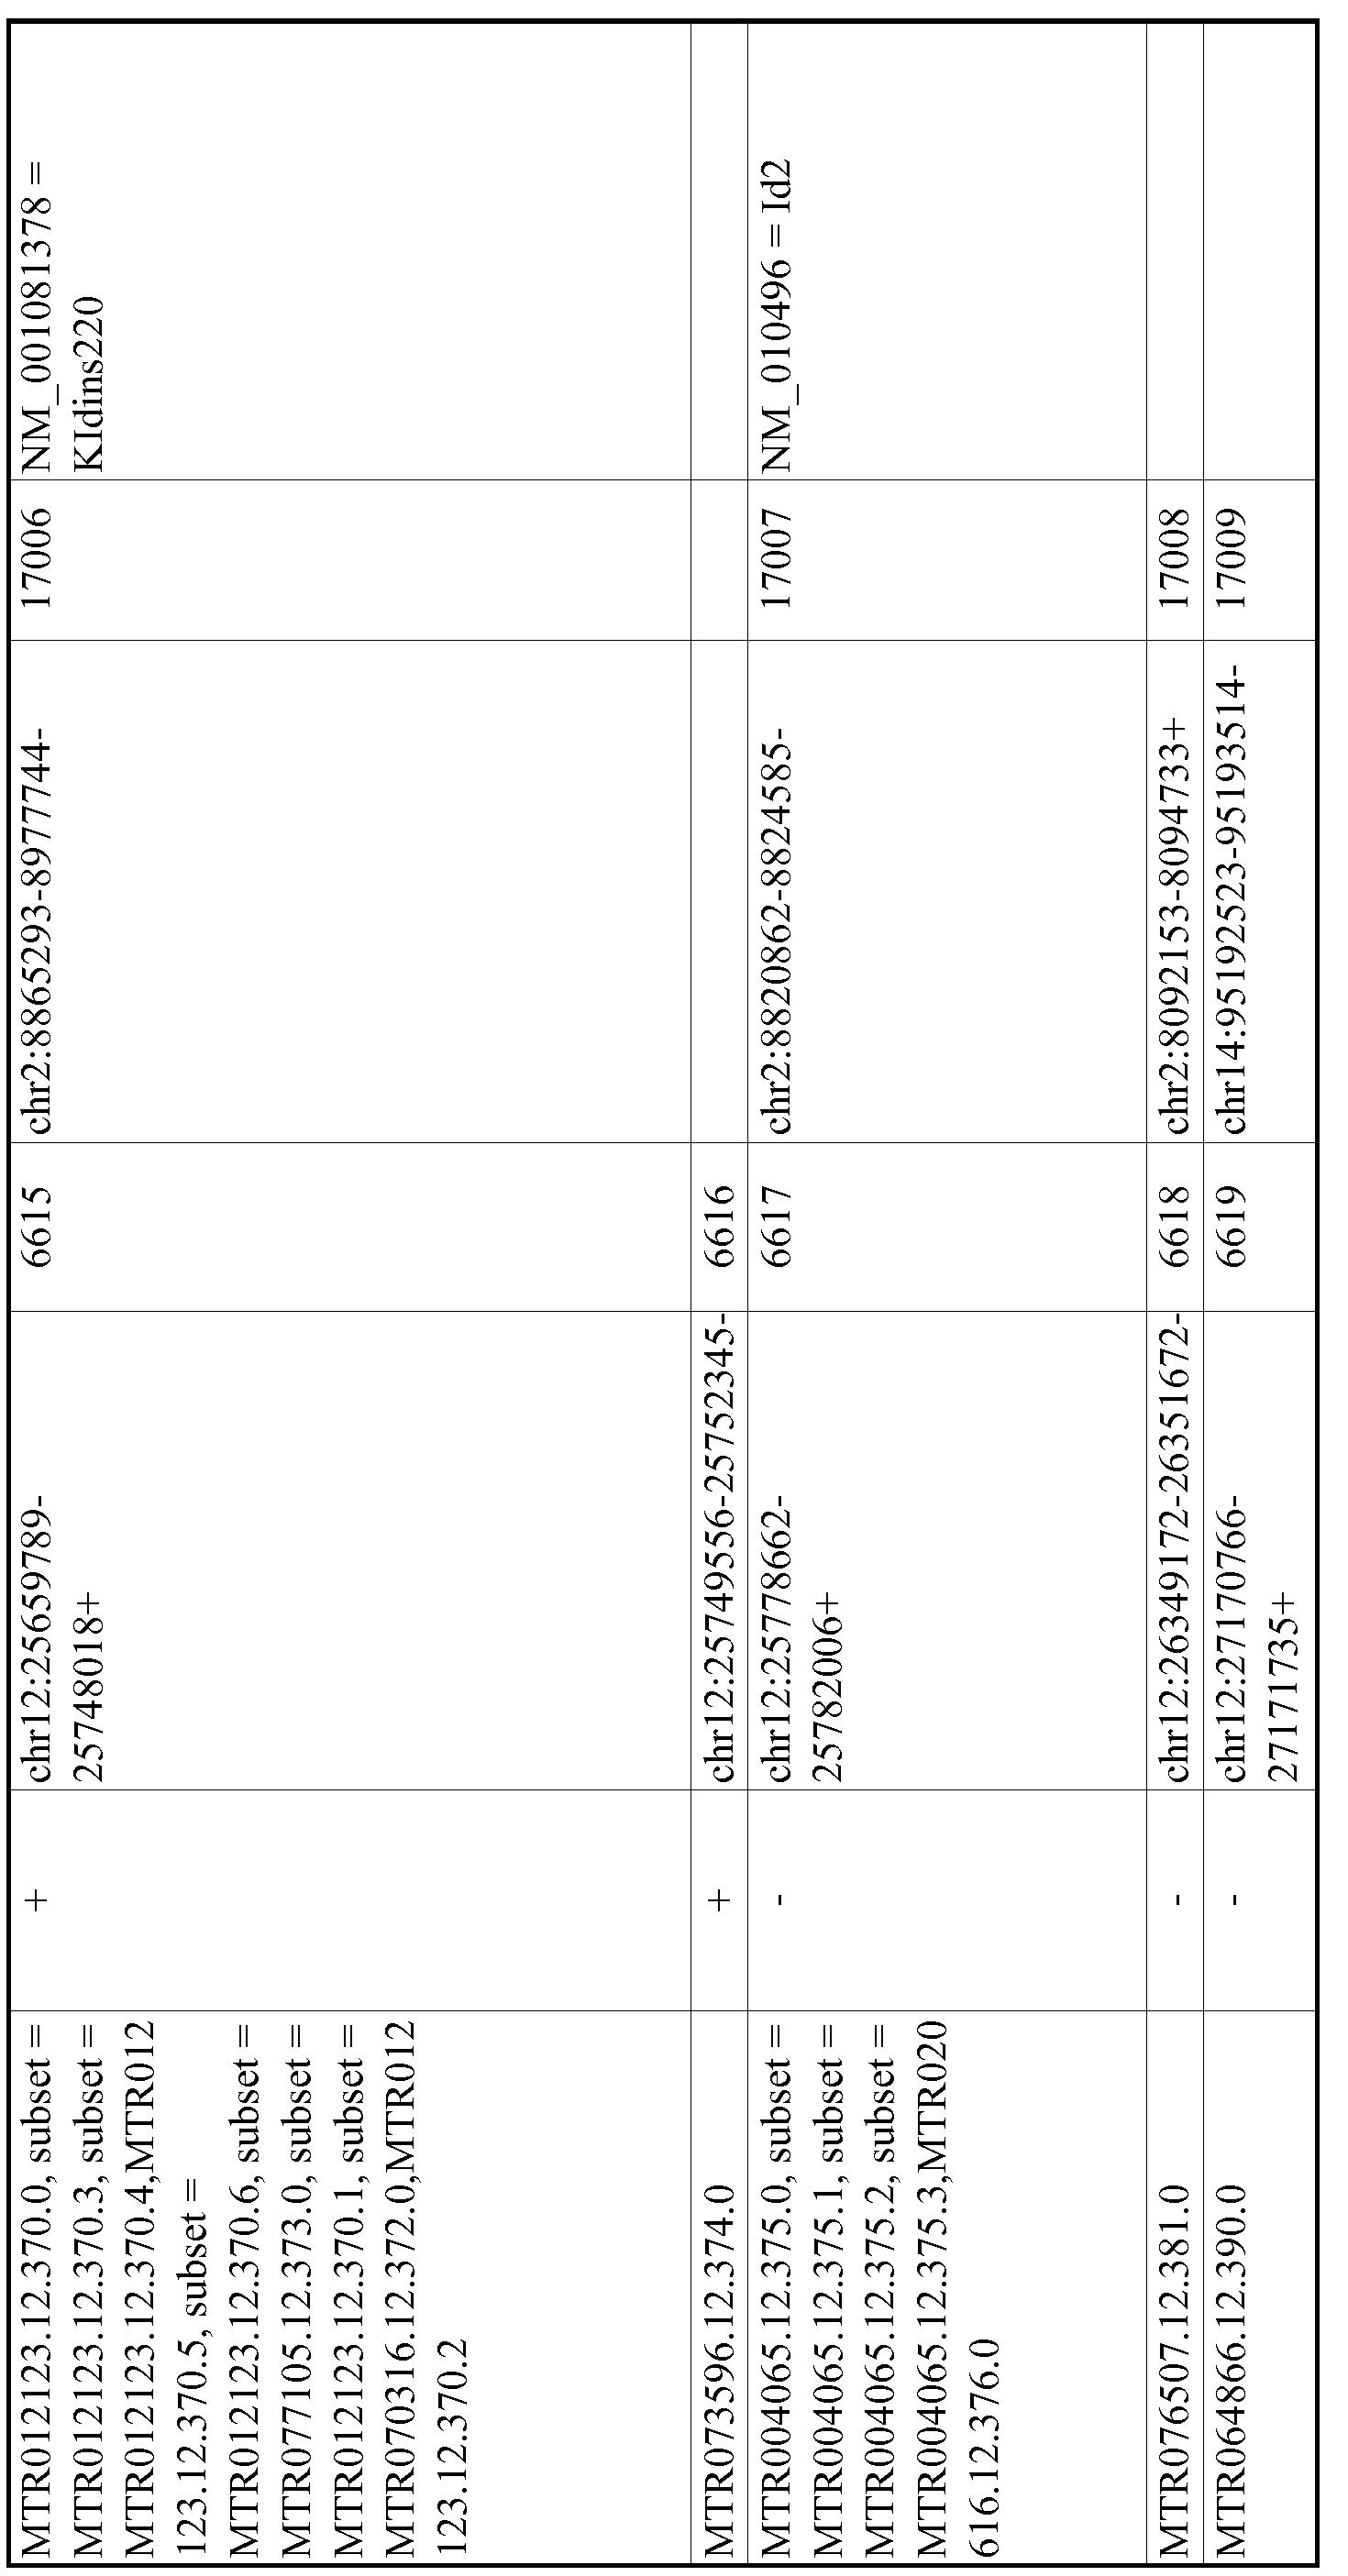 Figure imgf001184_0001